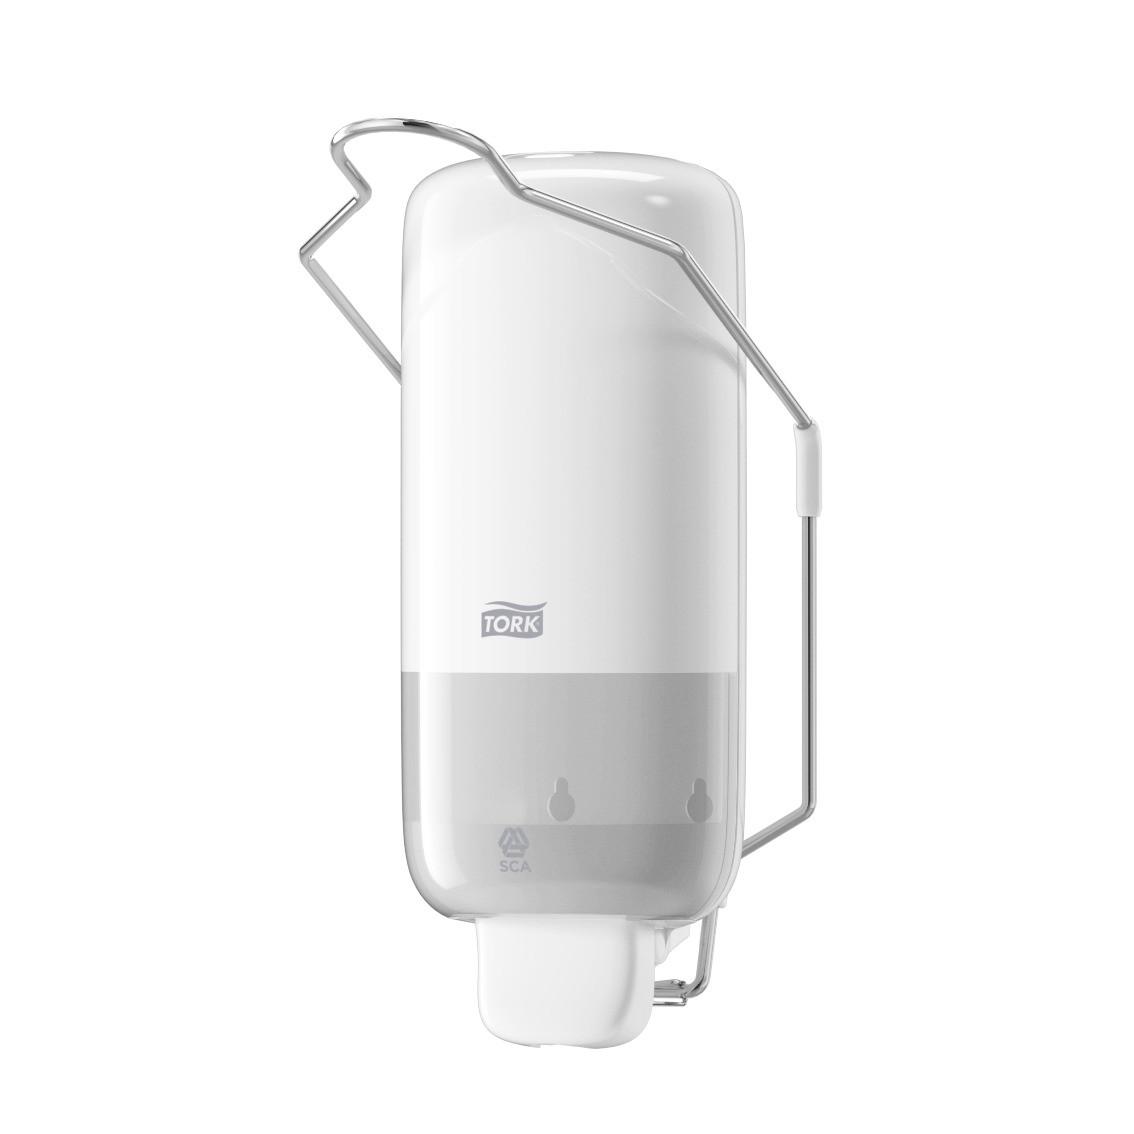 Tork Elevation диспенсер для жидкого мыла с локтевым приводом 560100